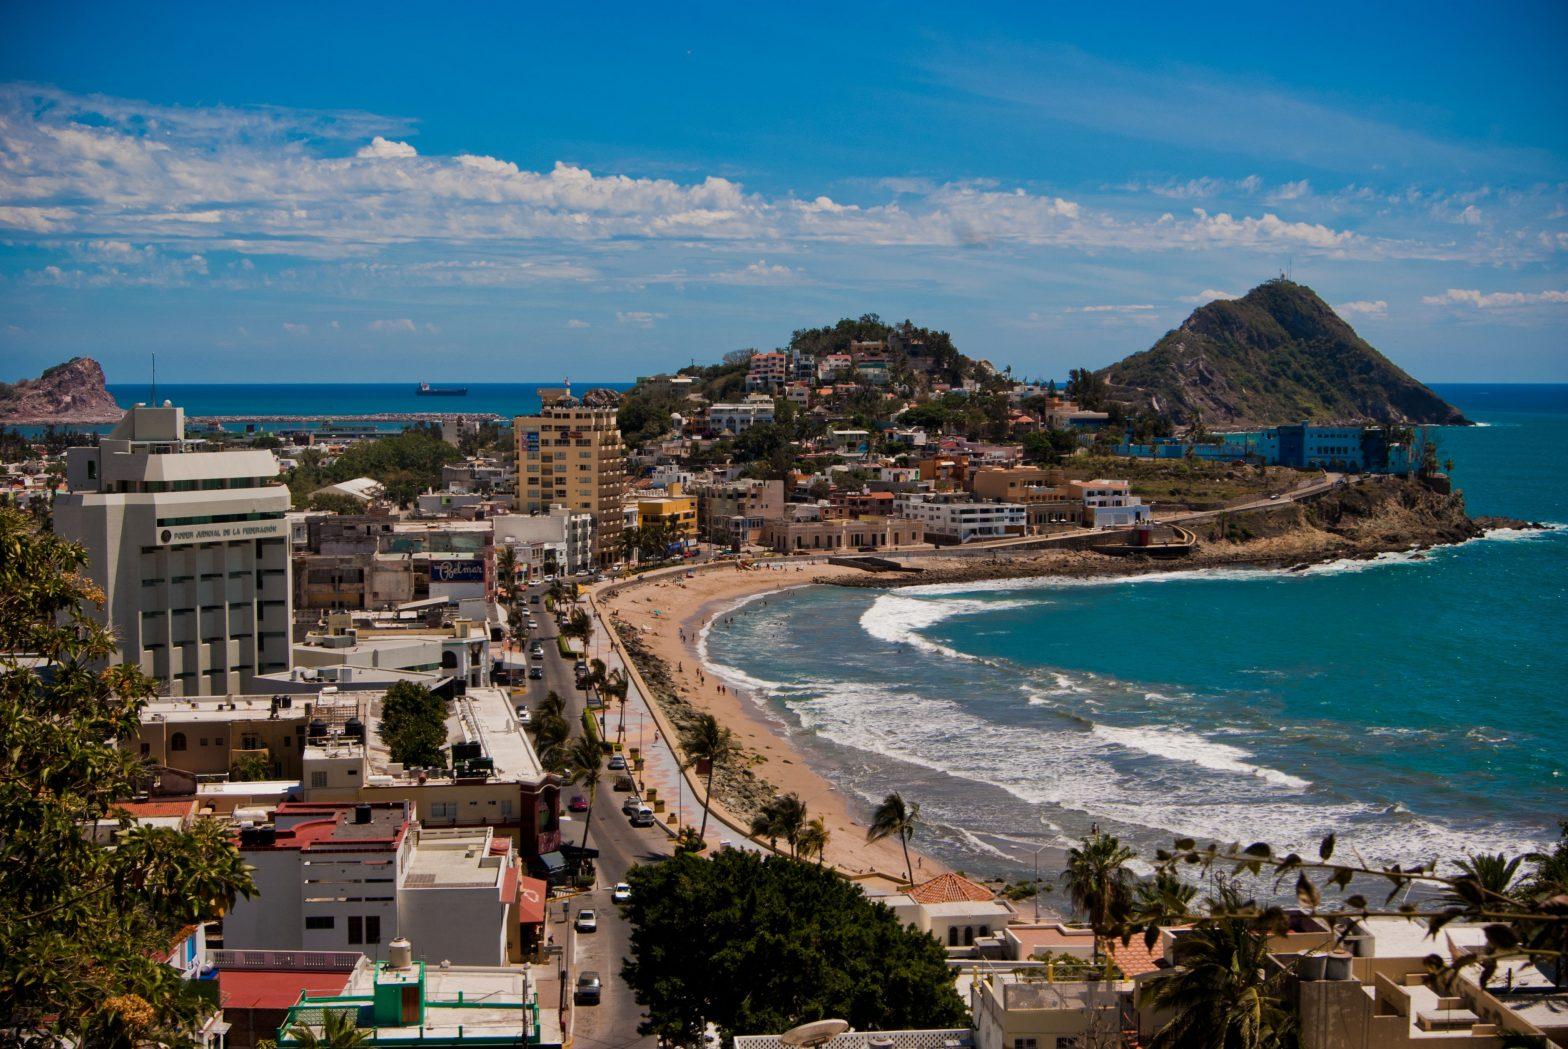 beach in Mazatlan in Mexico